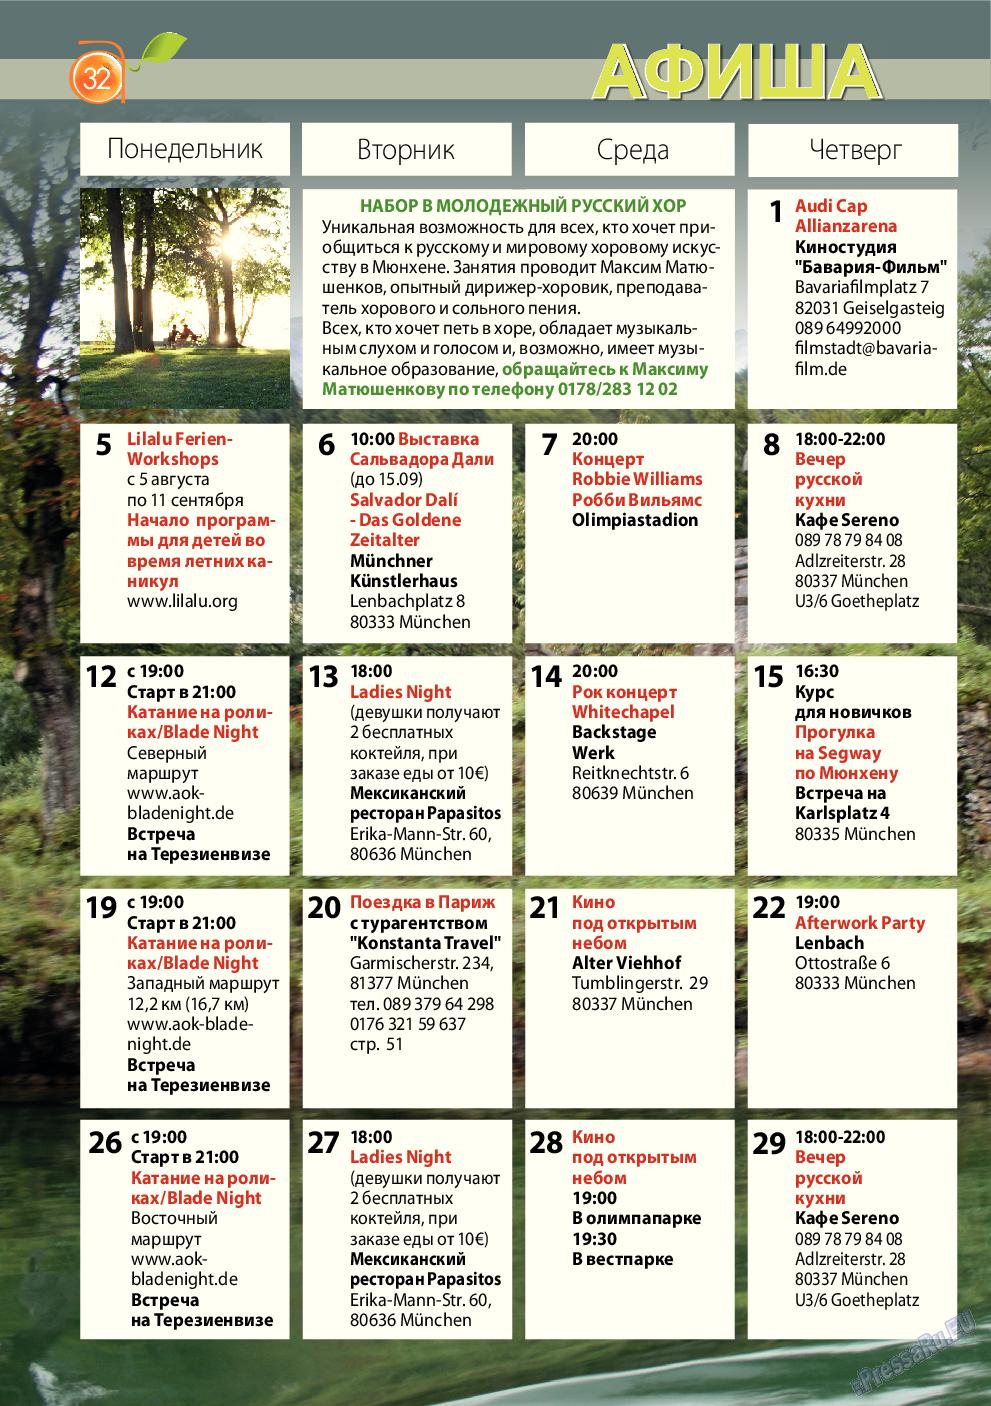 Апельсин (журнал). 2013 год, номер 49, стр. 30